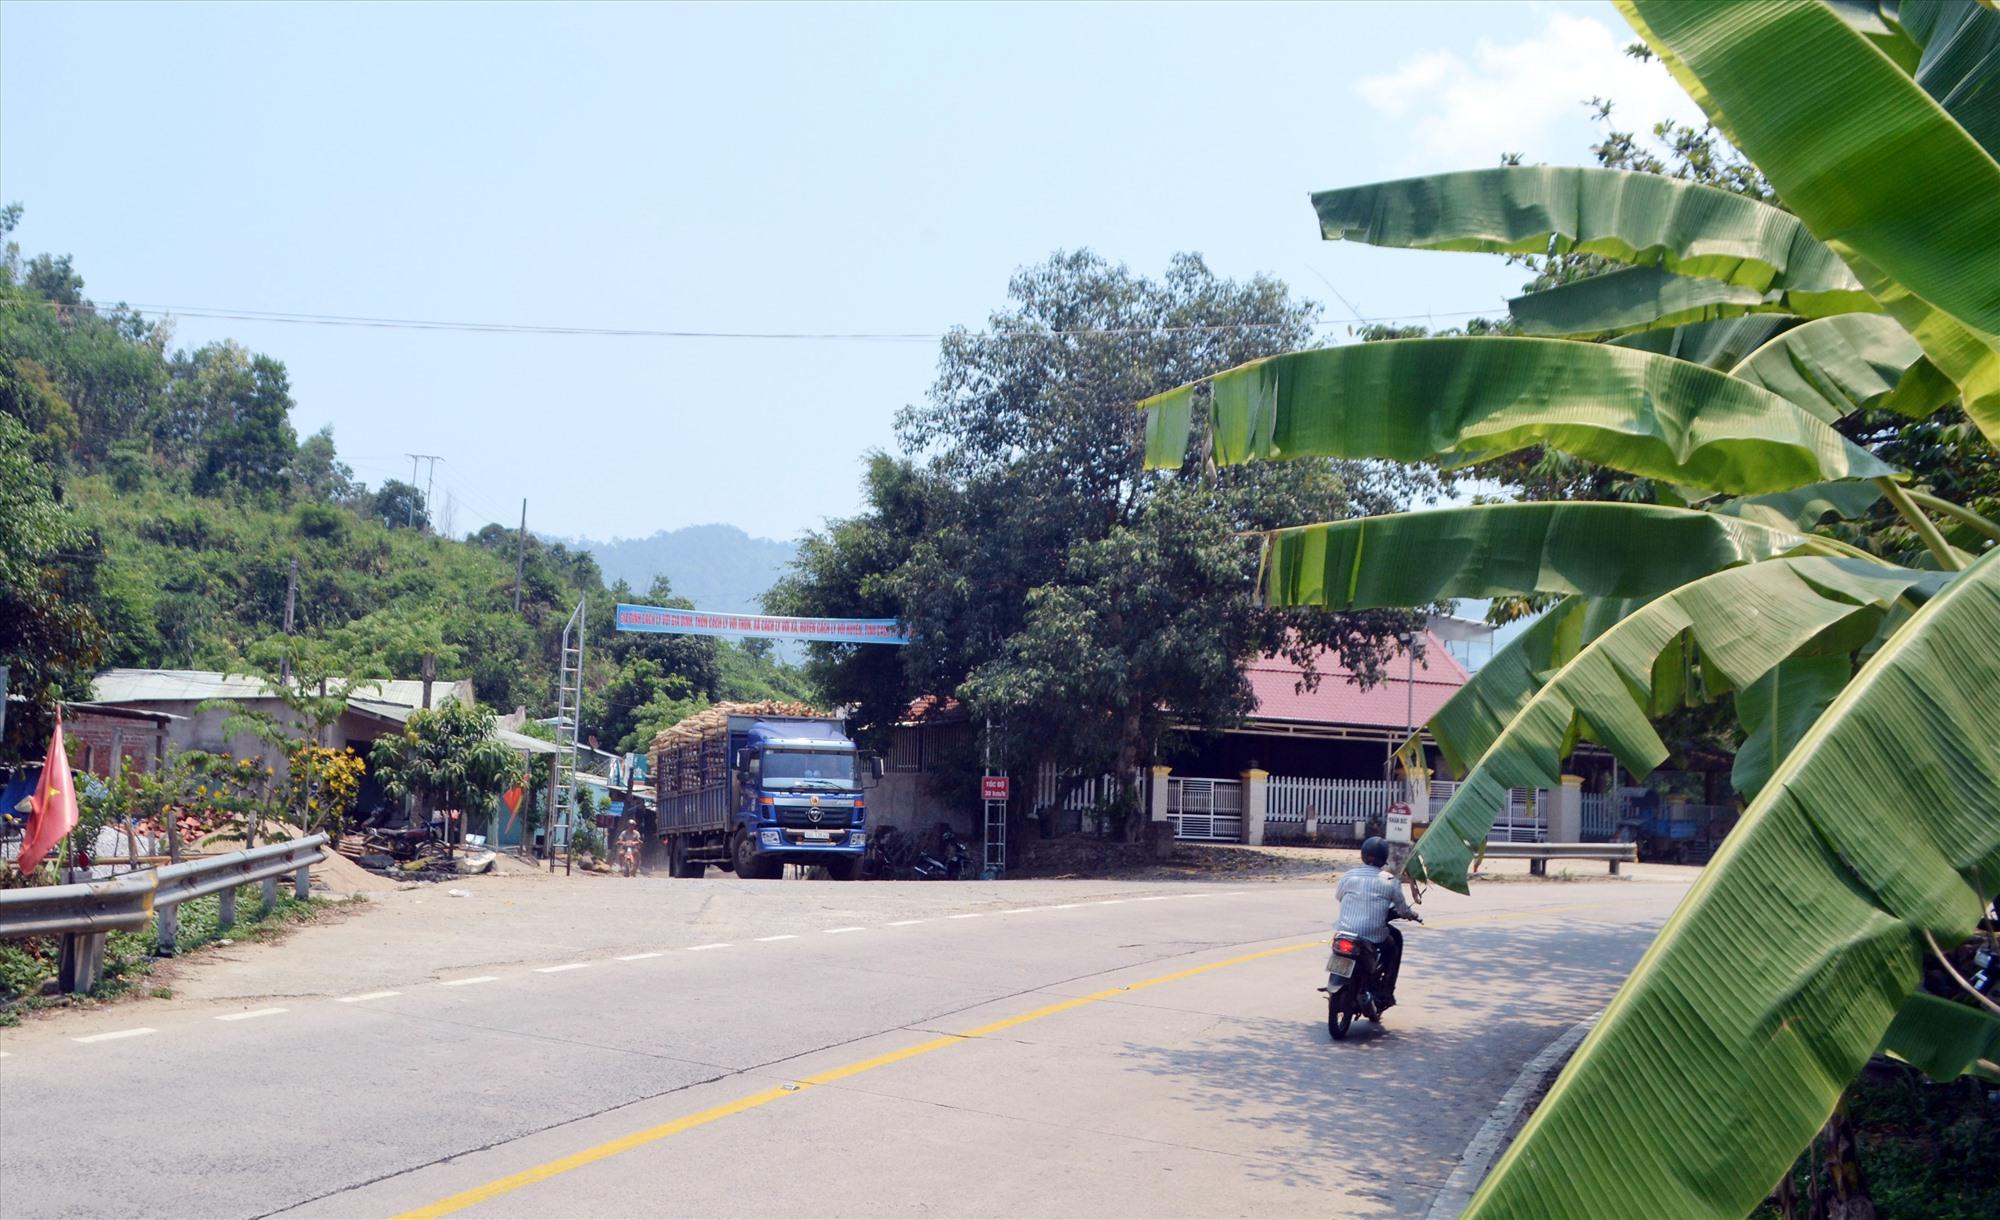 Điểm giao nhau dễ xảy ra tai nạn giữa đường nhánh với đường Hồ Chí Minh tại lý trình km1384, đoạn qua địa bàn Phước Sơn. Ảnh: CÔNG TÚ